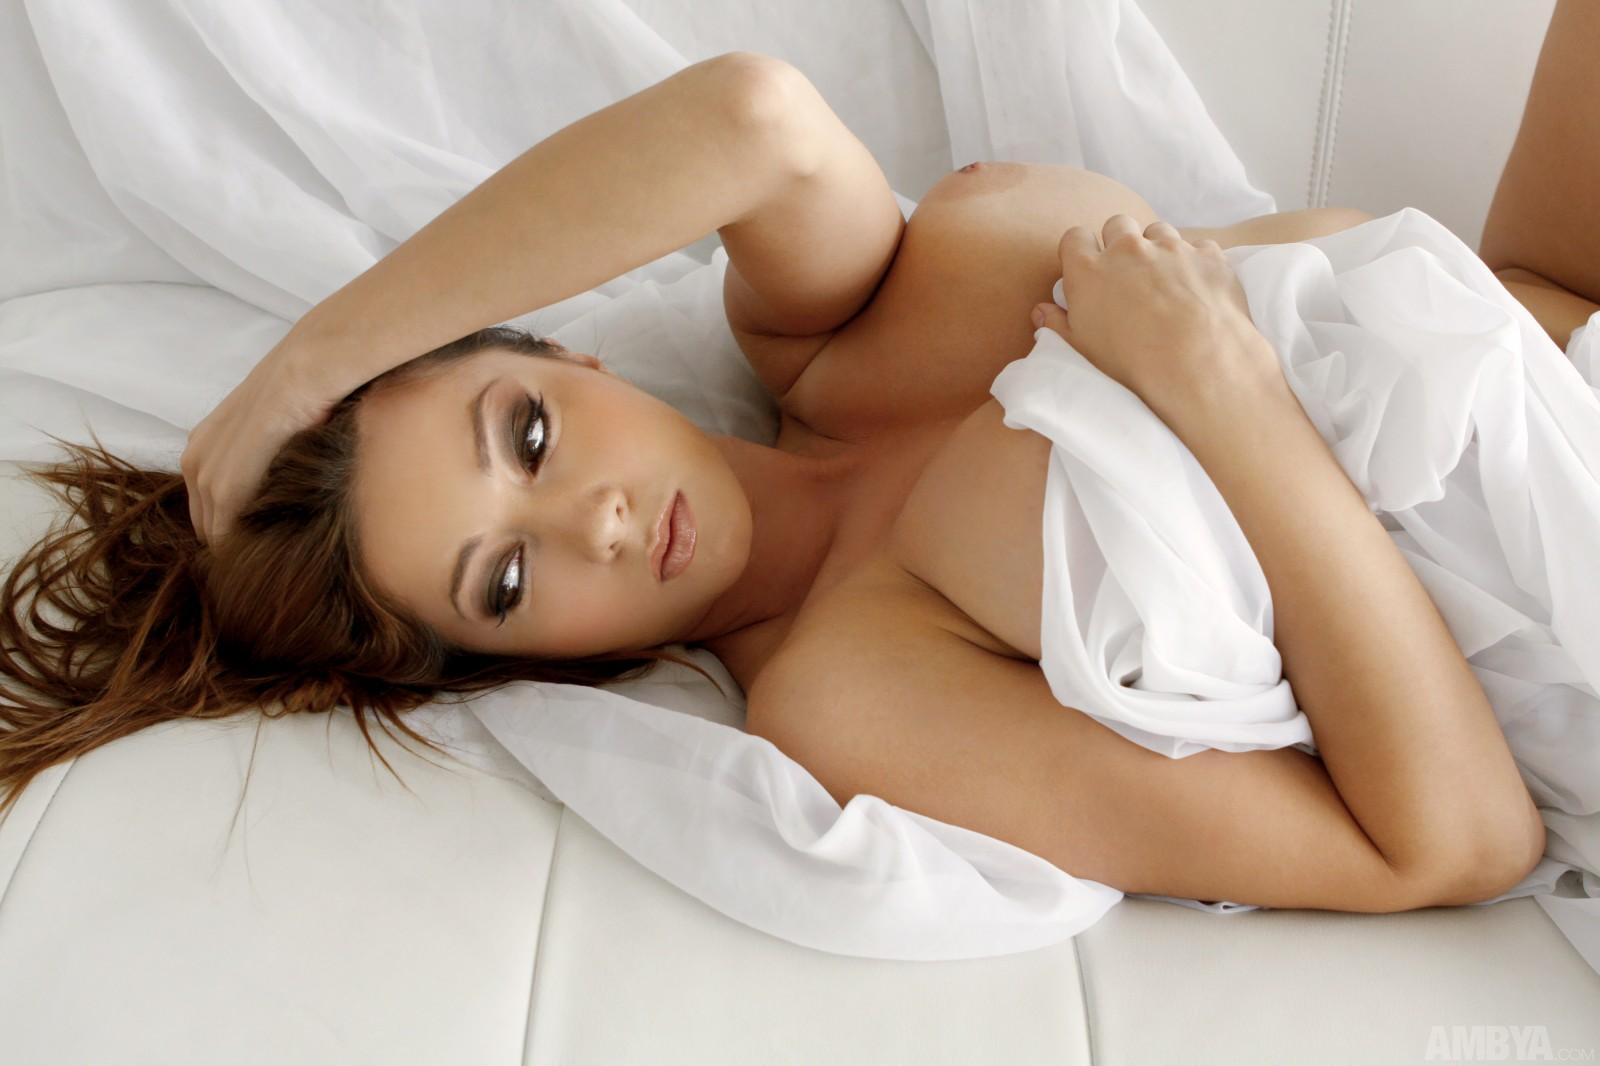 purenude model Julia Pure Nude, Julia Pure Nude ...